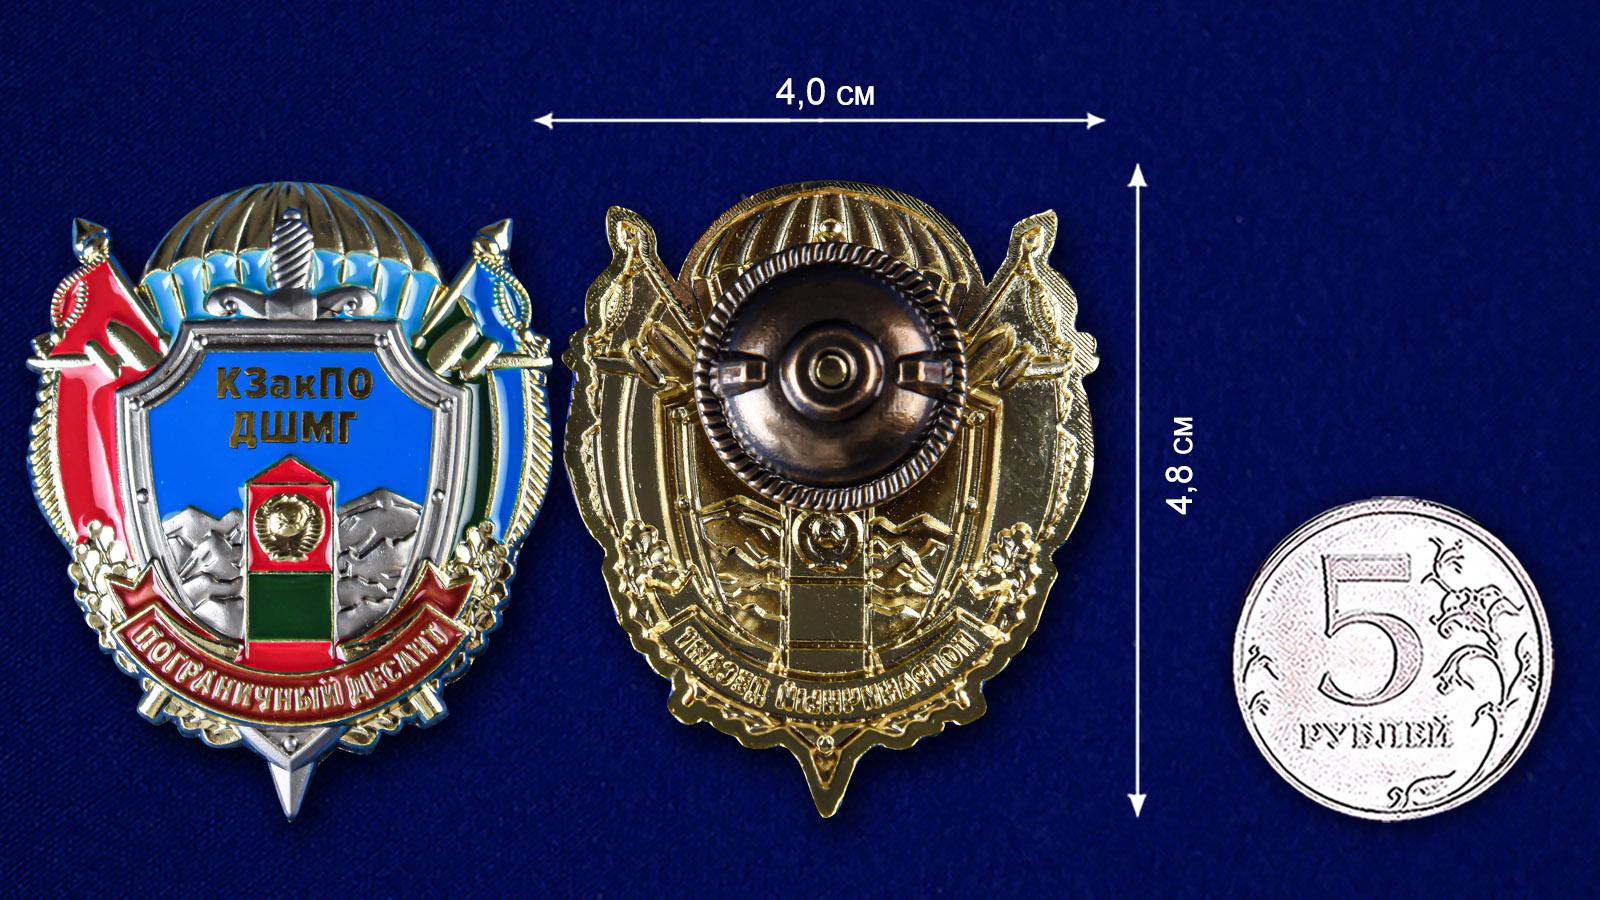 Памятный знак КЗакПО ДШМГ Пограничный десант - сравнительный вид